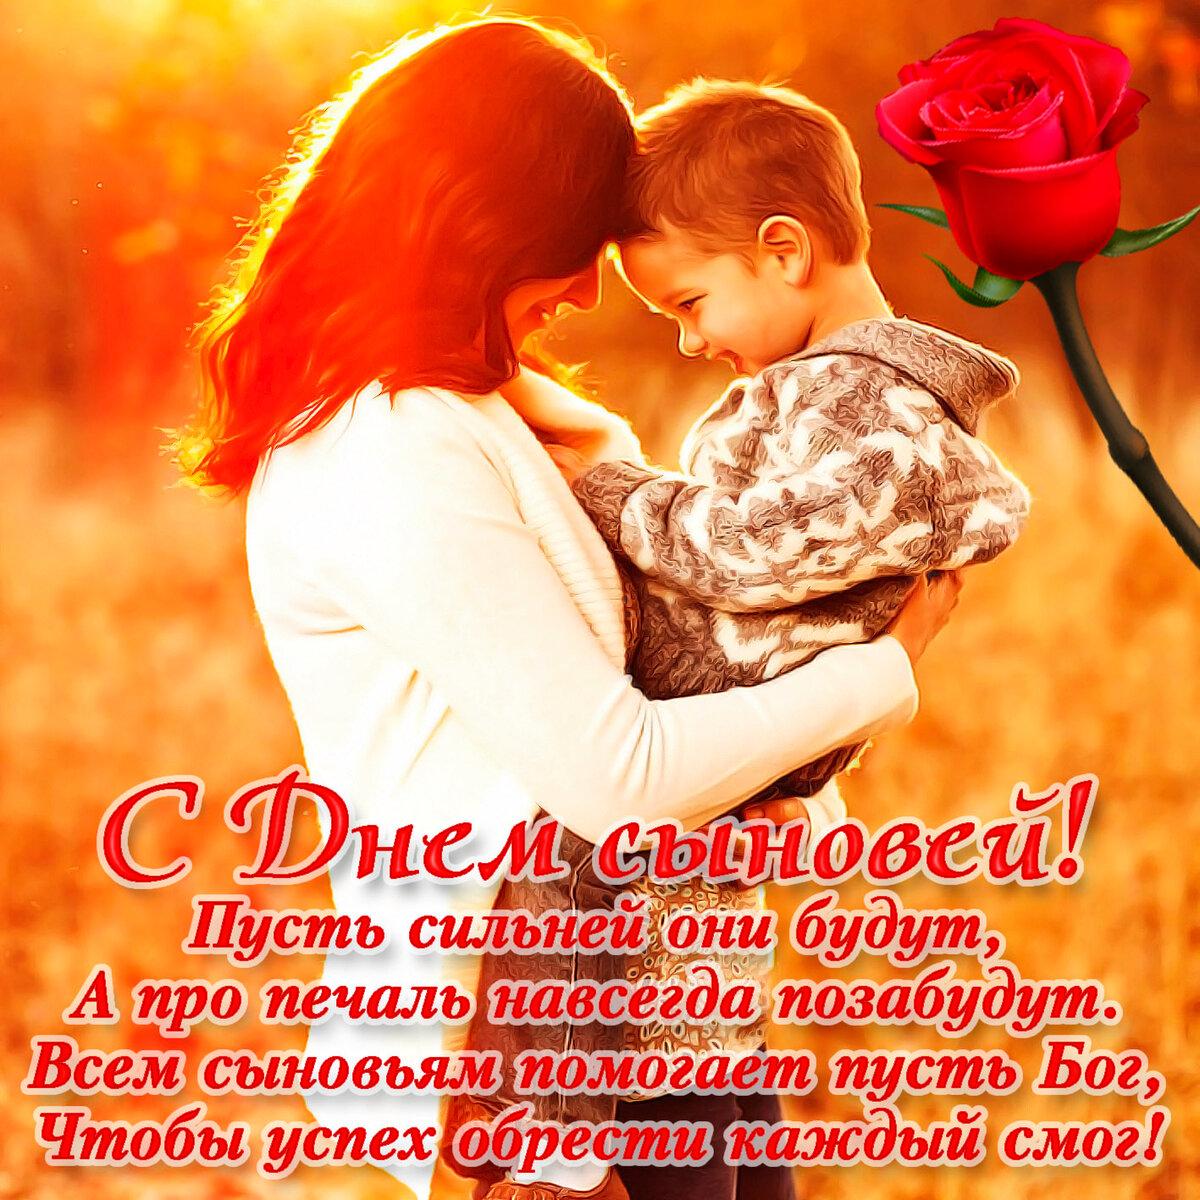 стихи к празднику день сыновей нас танкисты артилетристы